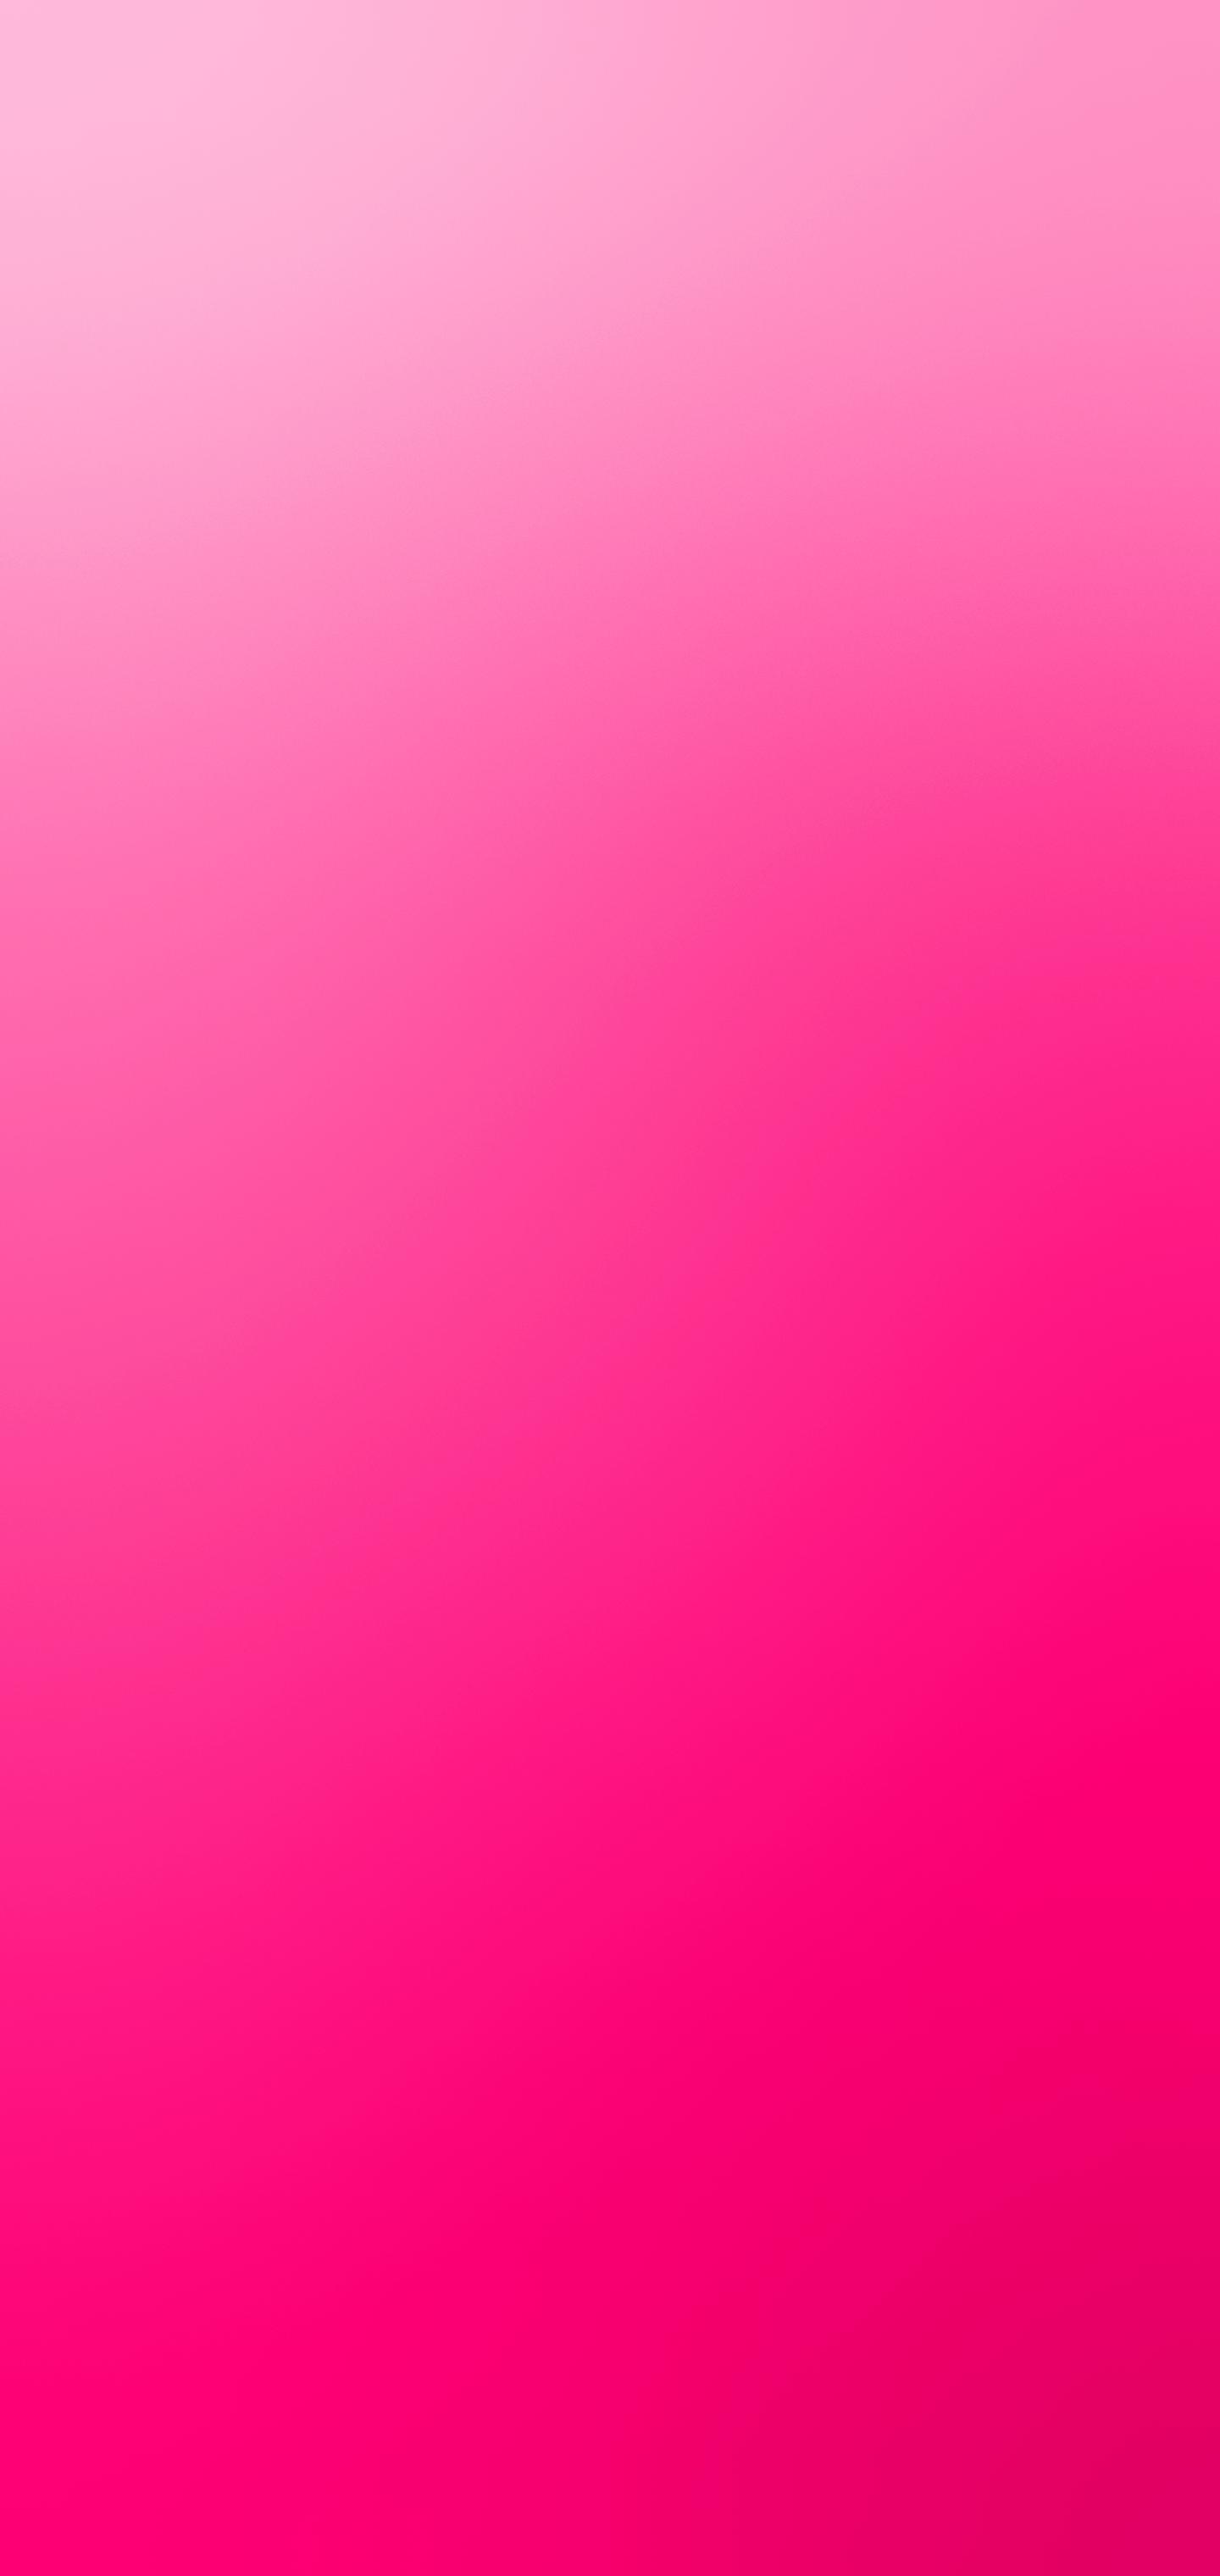 gradient iPhone wallpaper marcusbremen idownloadblog pink